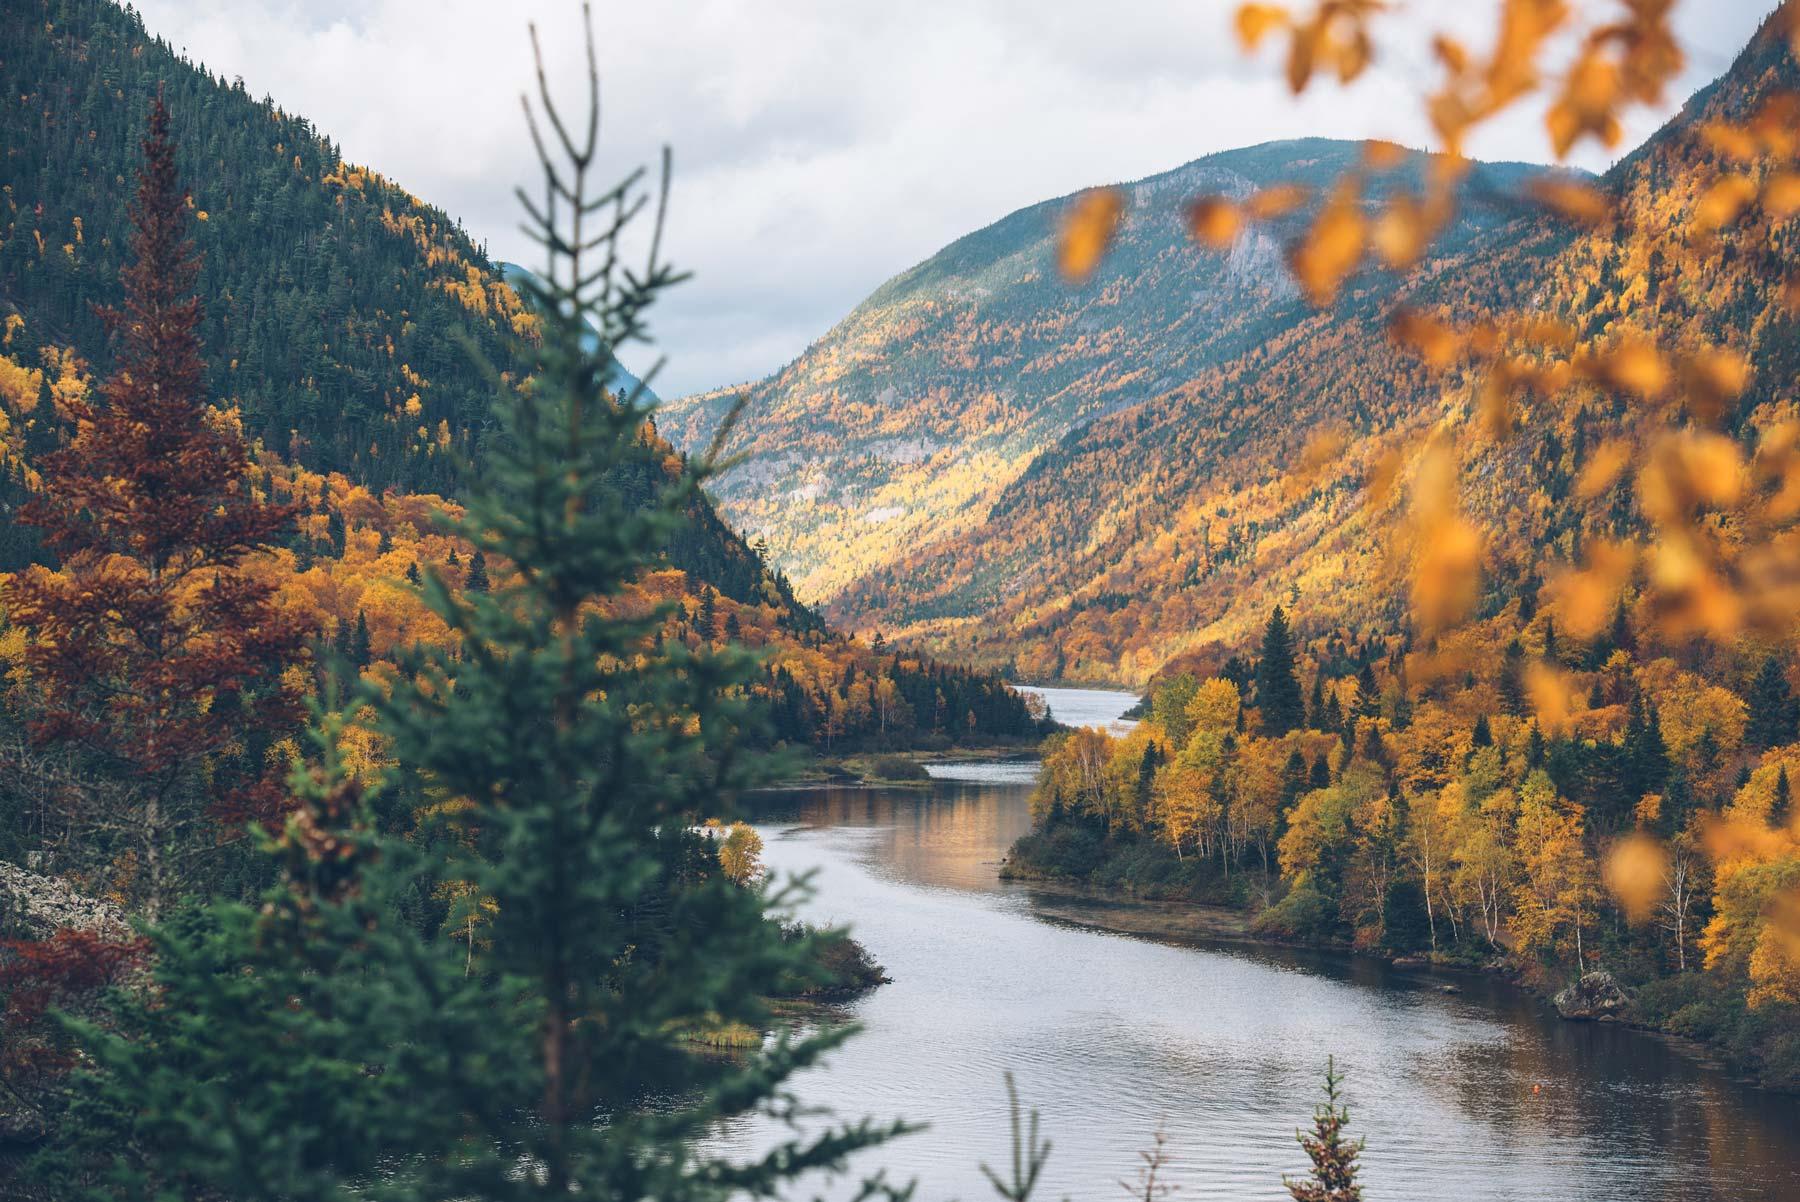 Automne au Québec: Parc des Hautes Gorges